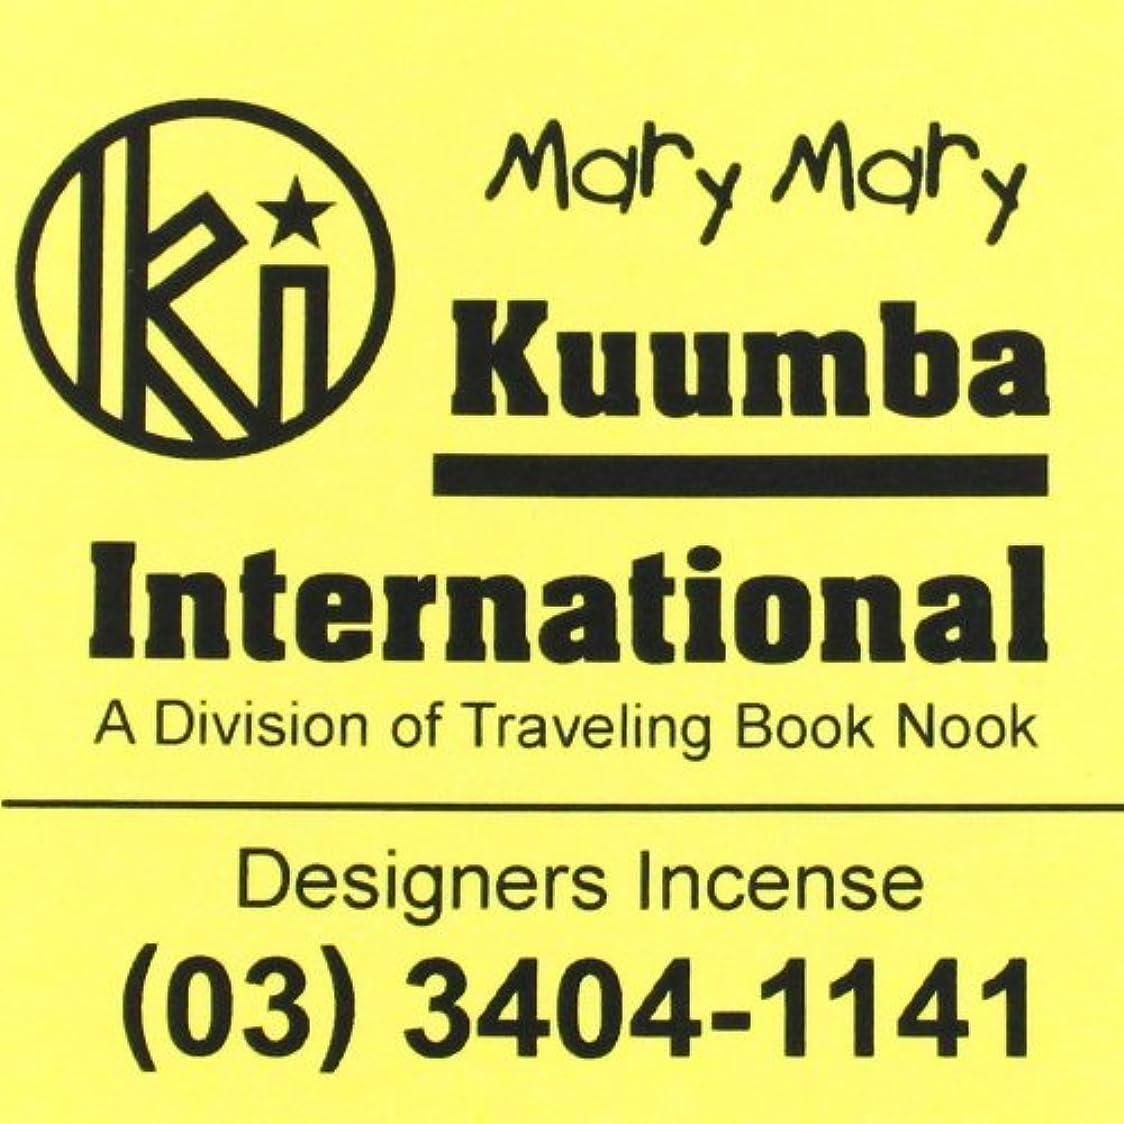 乱用ヨーロッパ検証(クンバ) KUUMBA『incense』(Mary Mary) (Regular size)